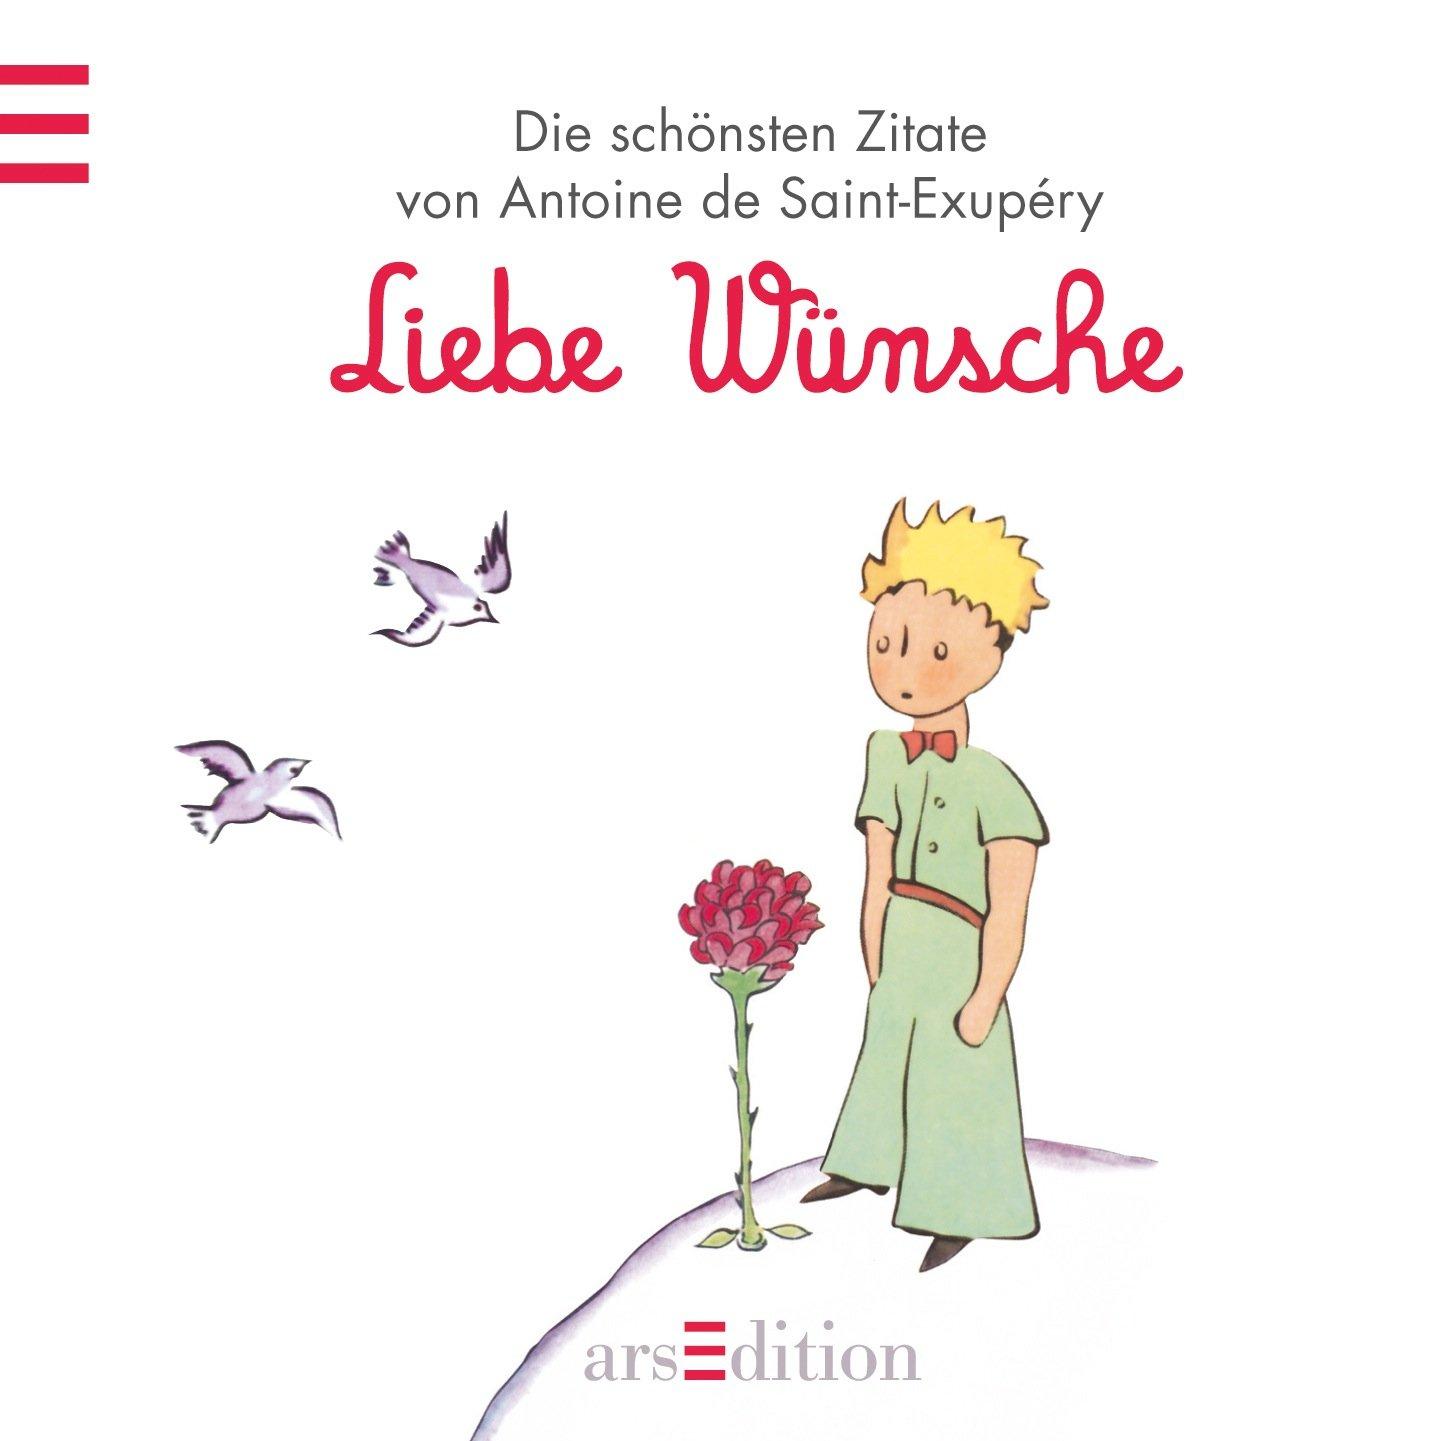 Der Kleine Prinz Zitate Liebe / - Egal wie oft ich ihn